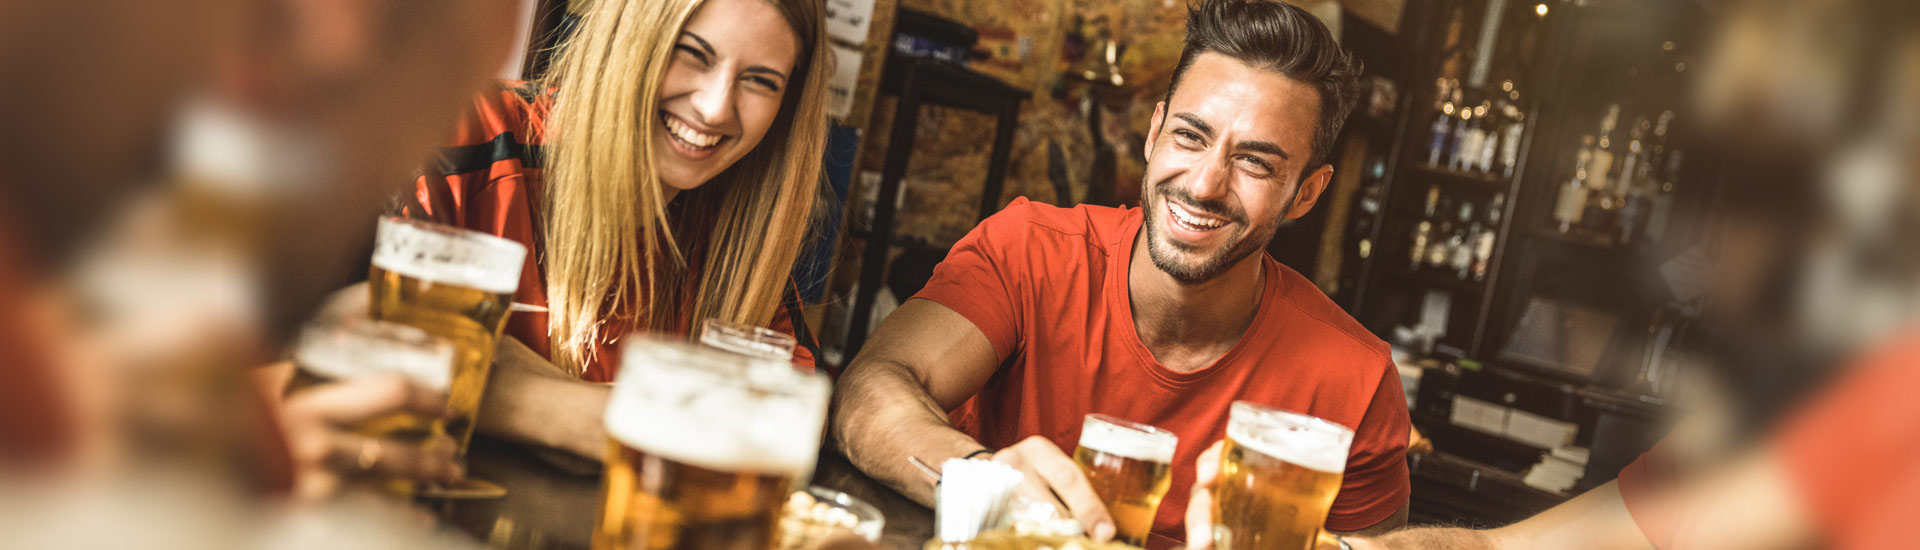 Grupo tomando cervezas